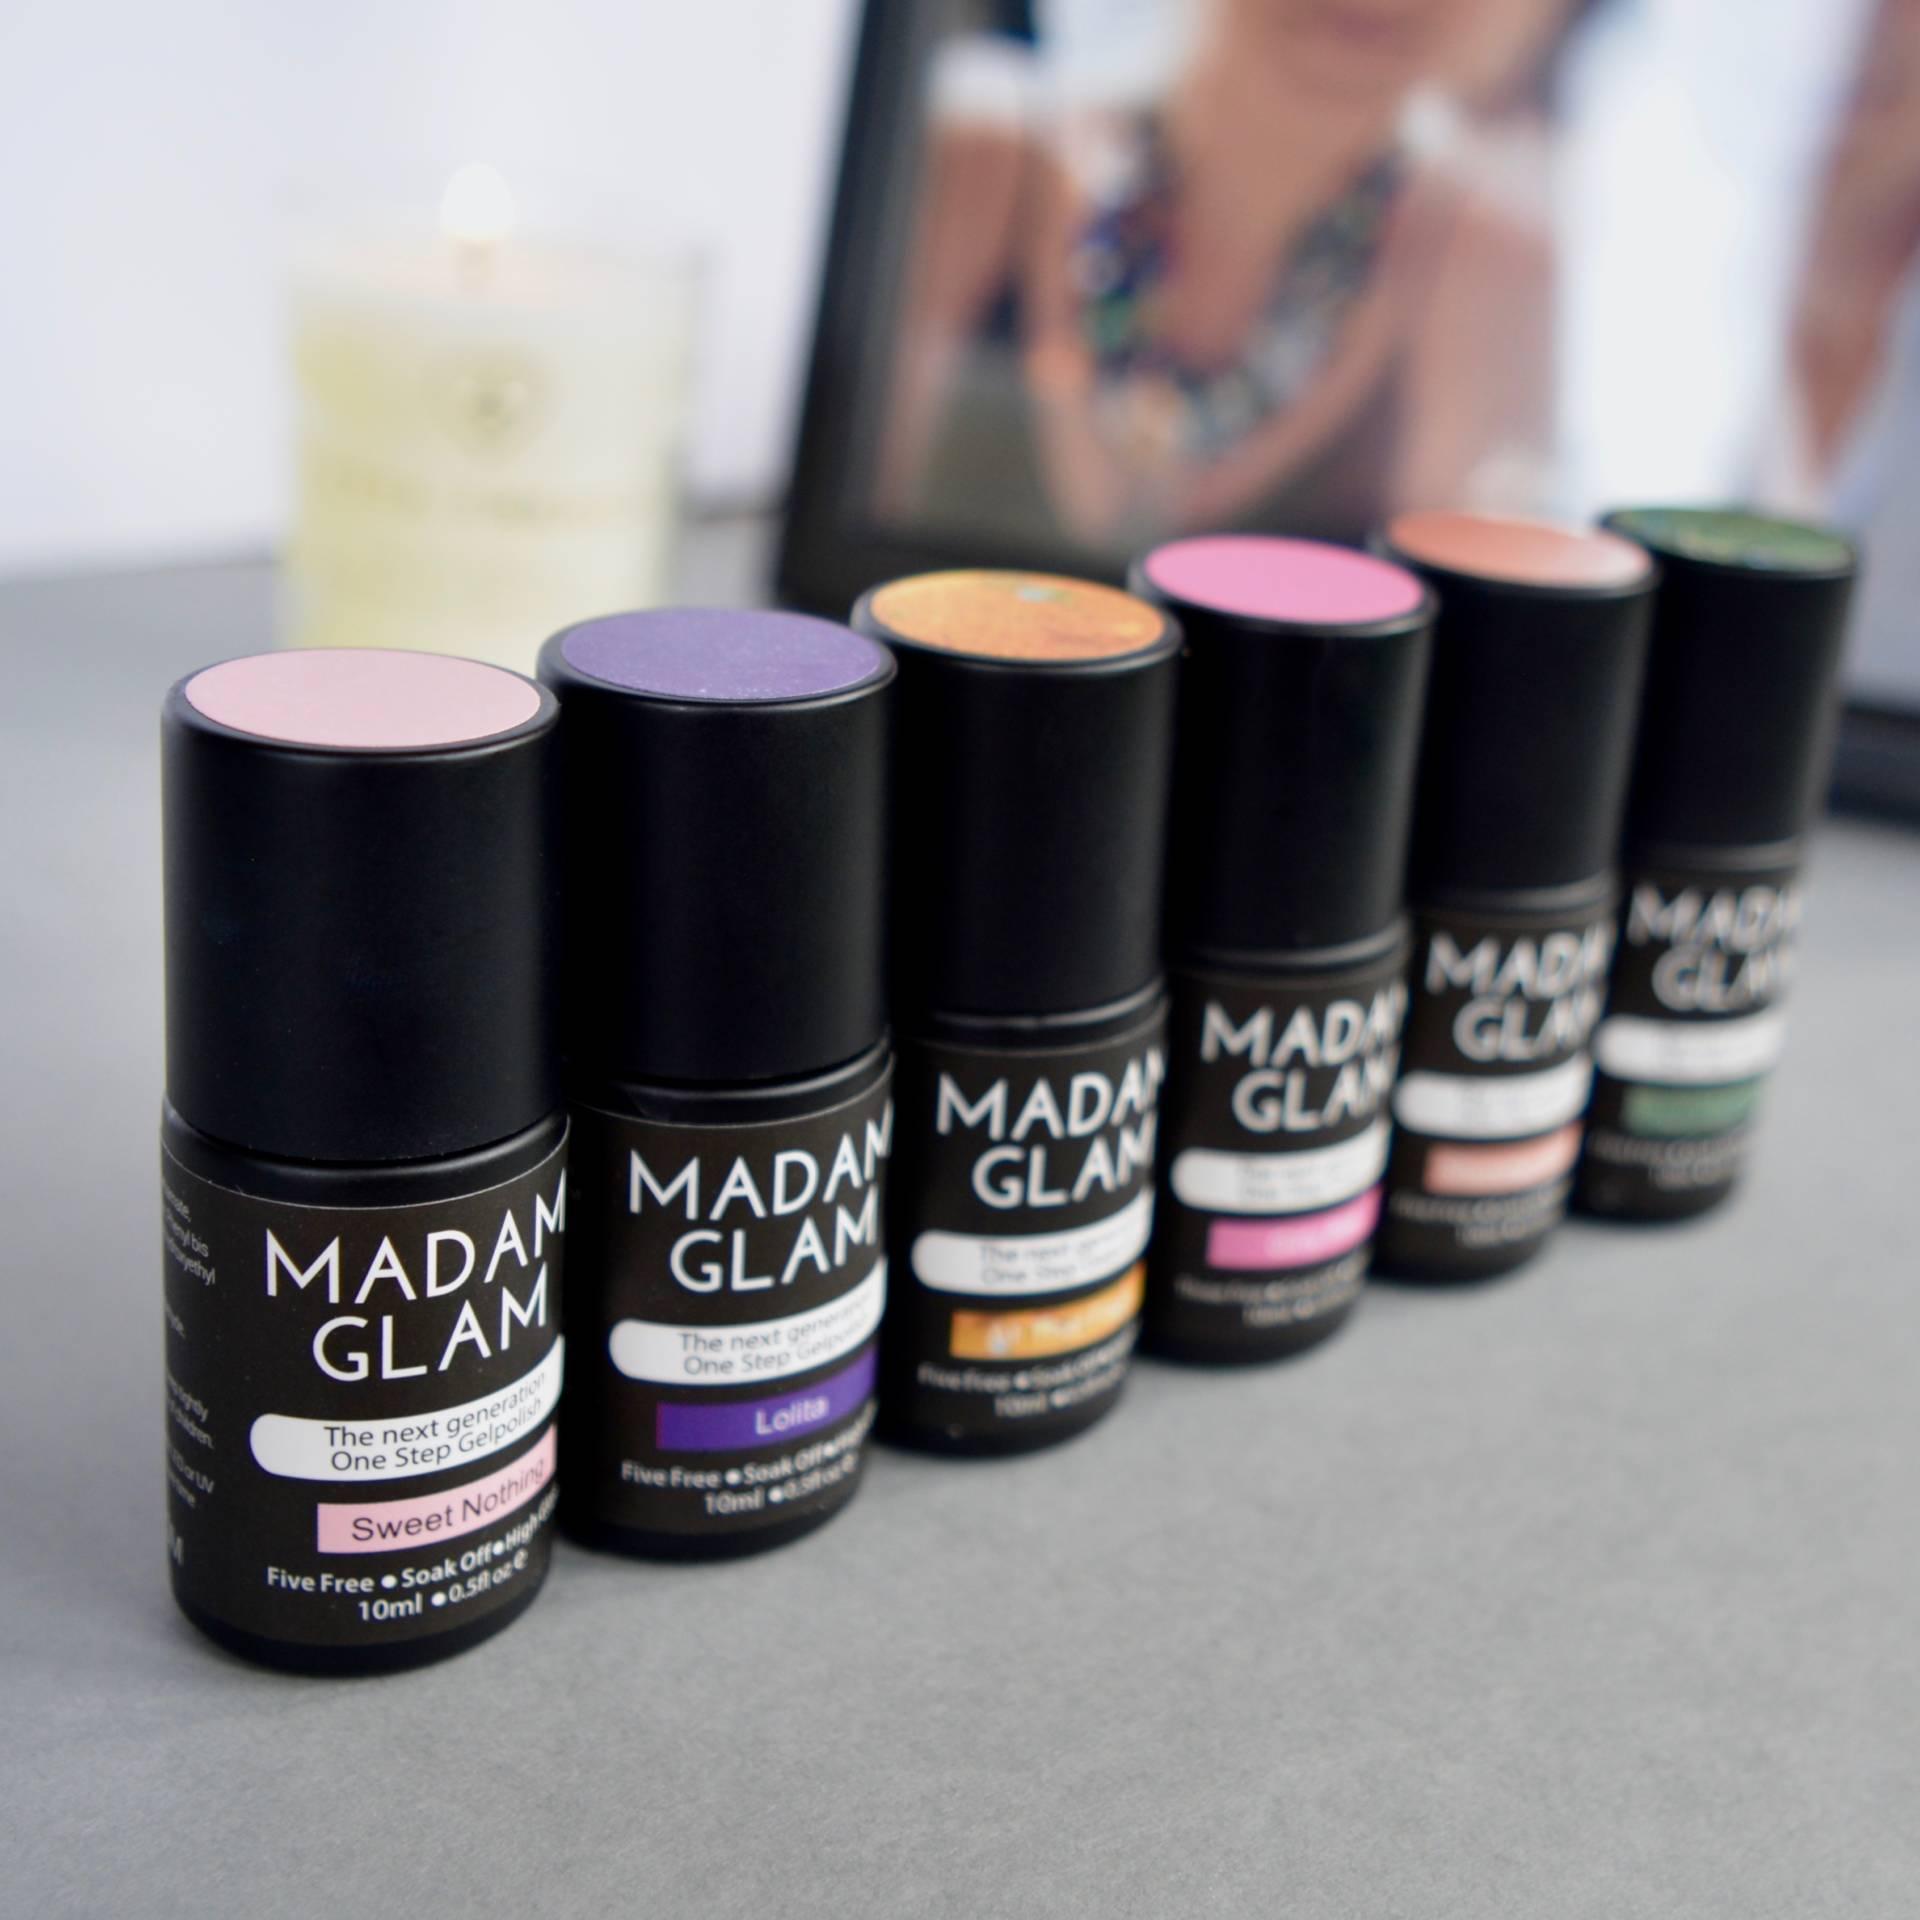 Madam Glam One Step Gels